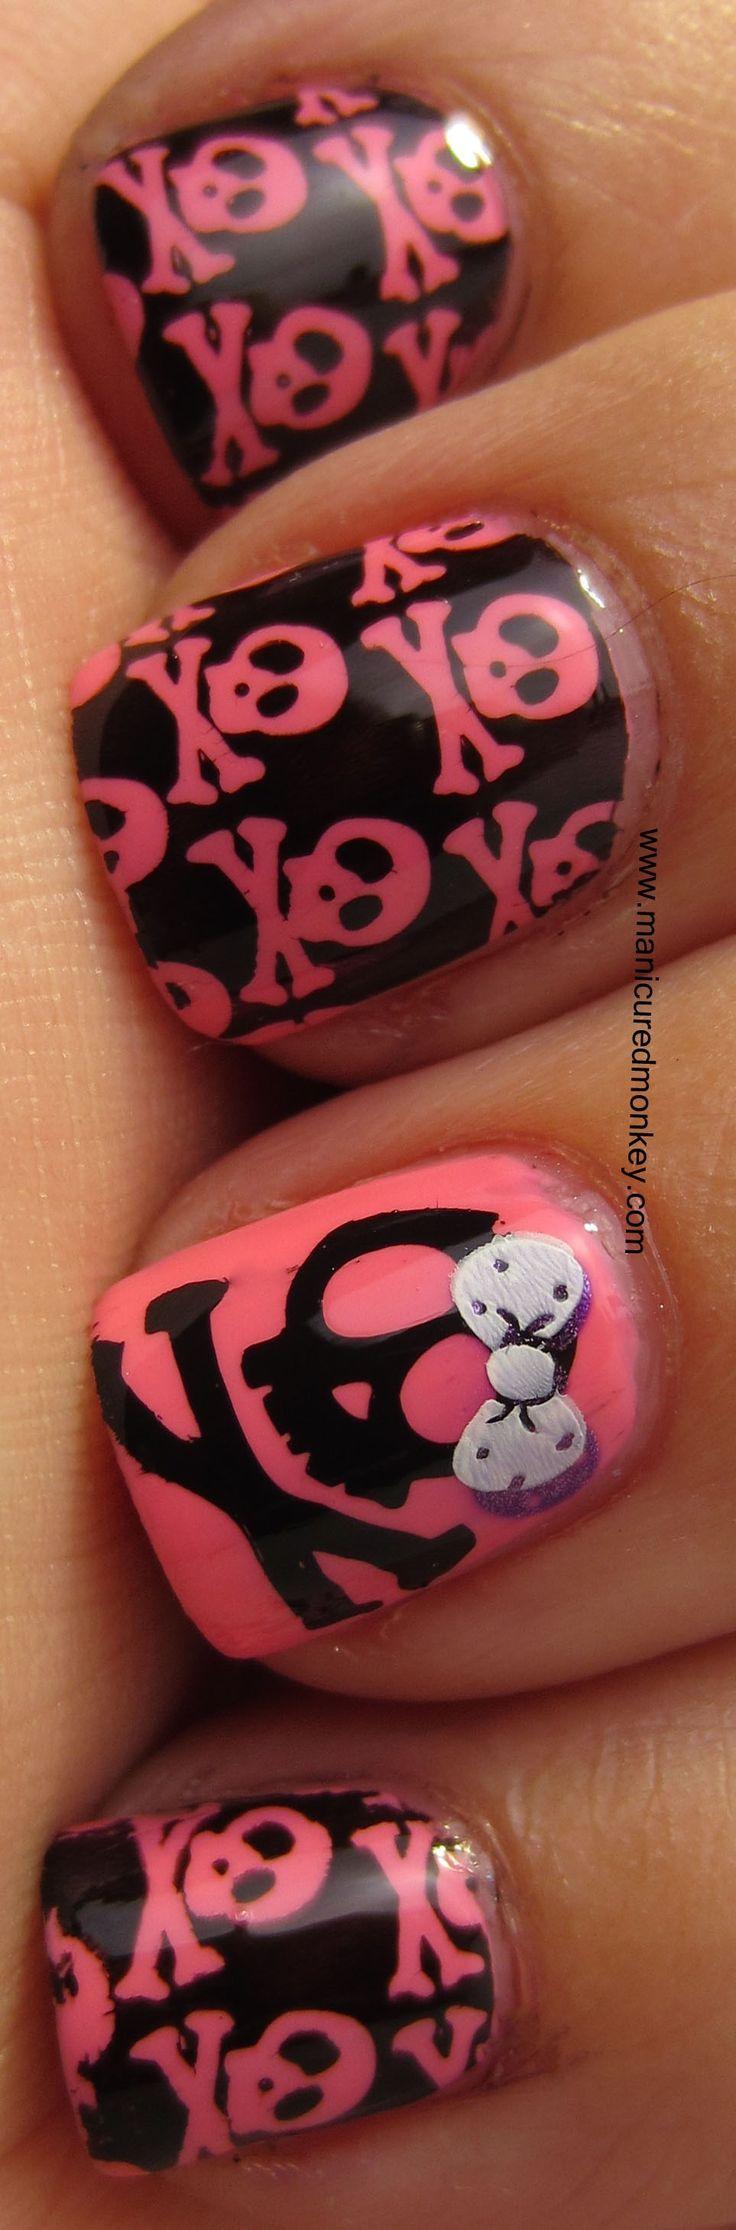 Pink and black skull nails